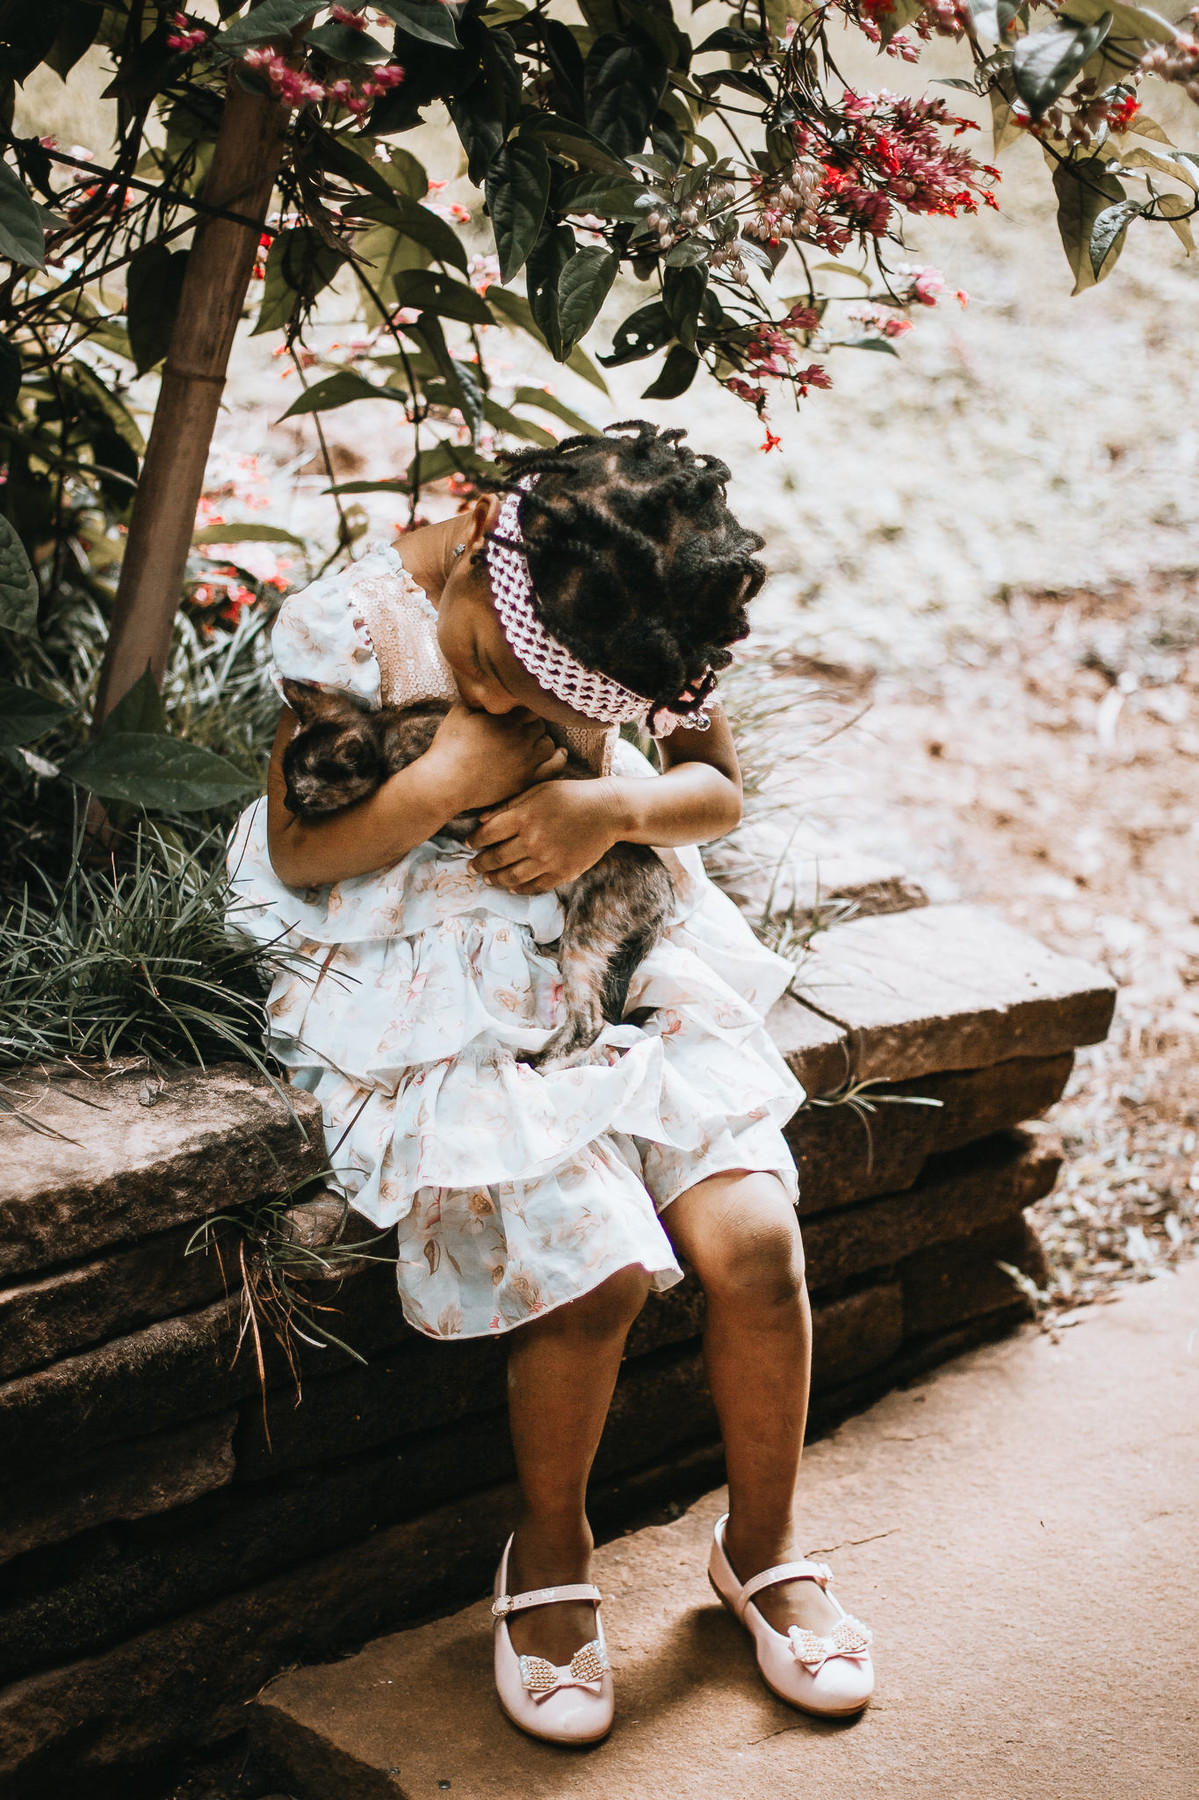 Fotógrafa registra momento de fofura de uma criança com o seu gatinho